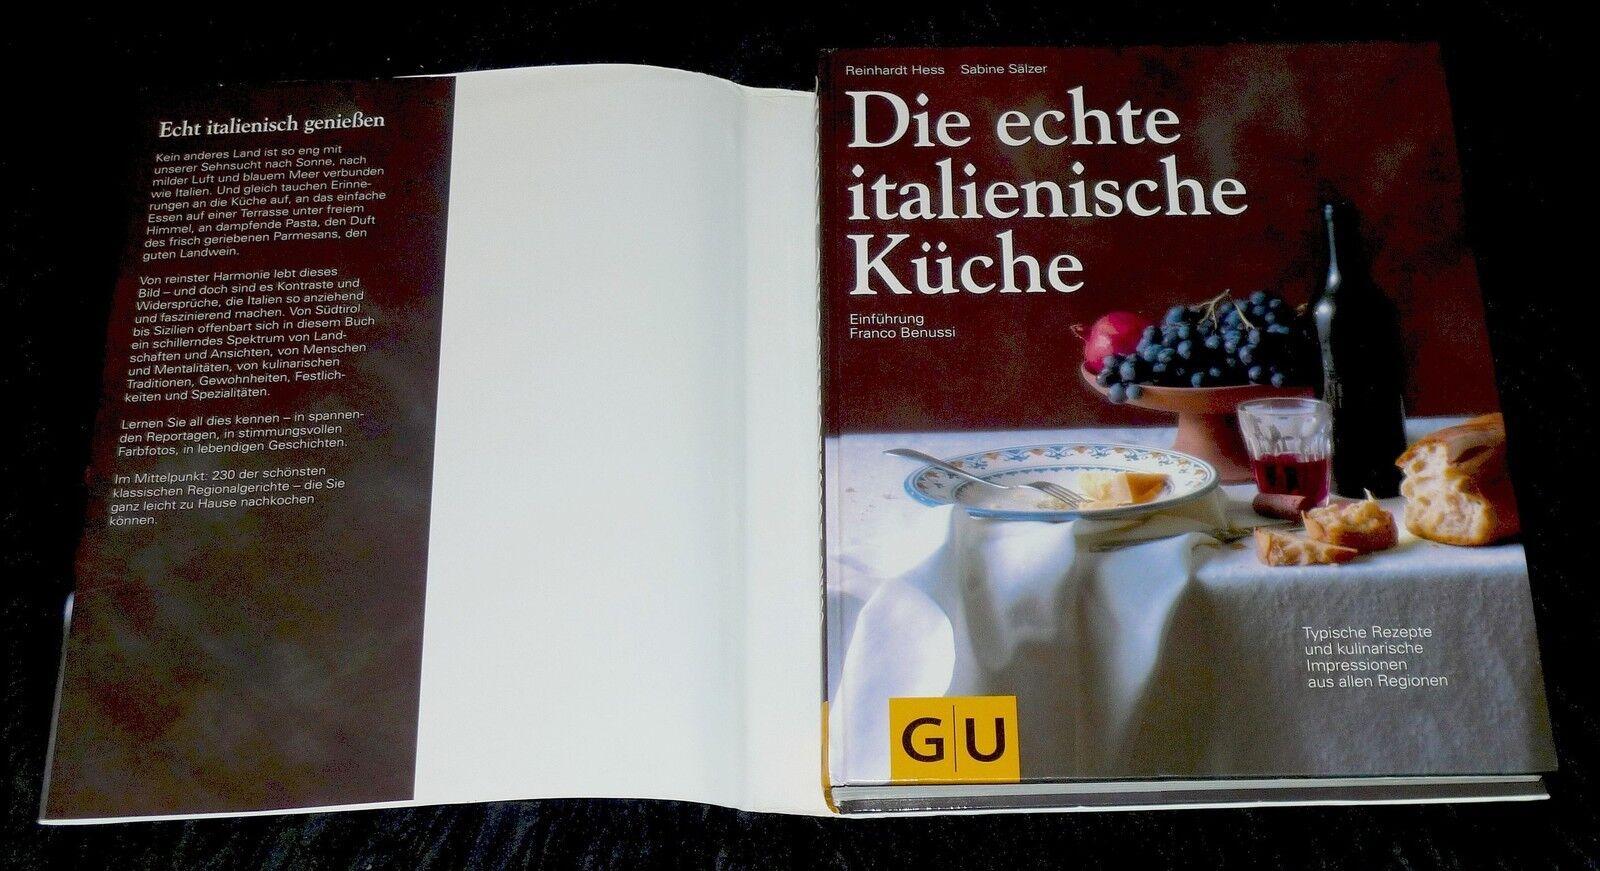 Die Echte Italienische Küche Buch